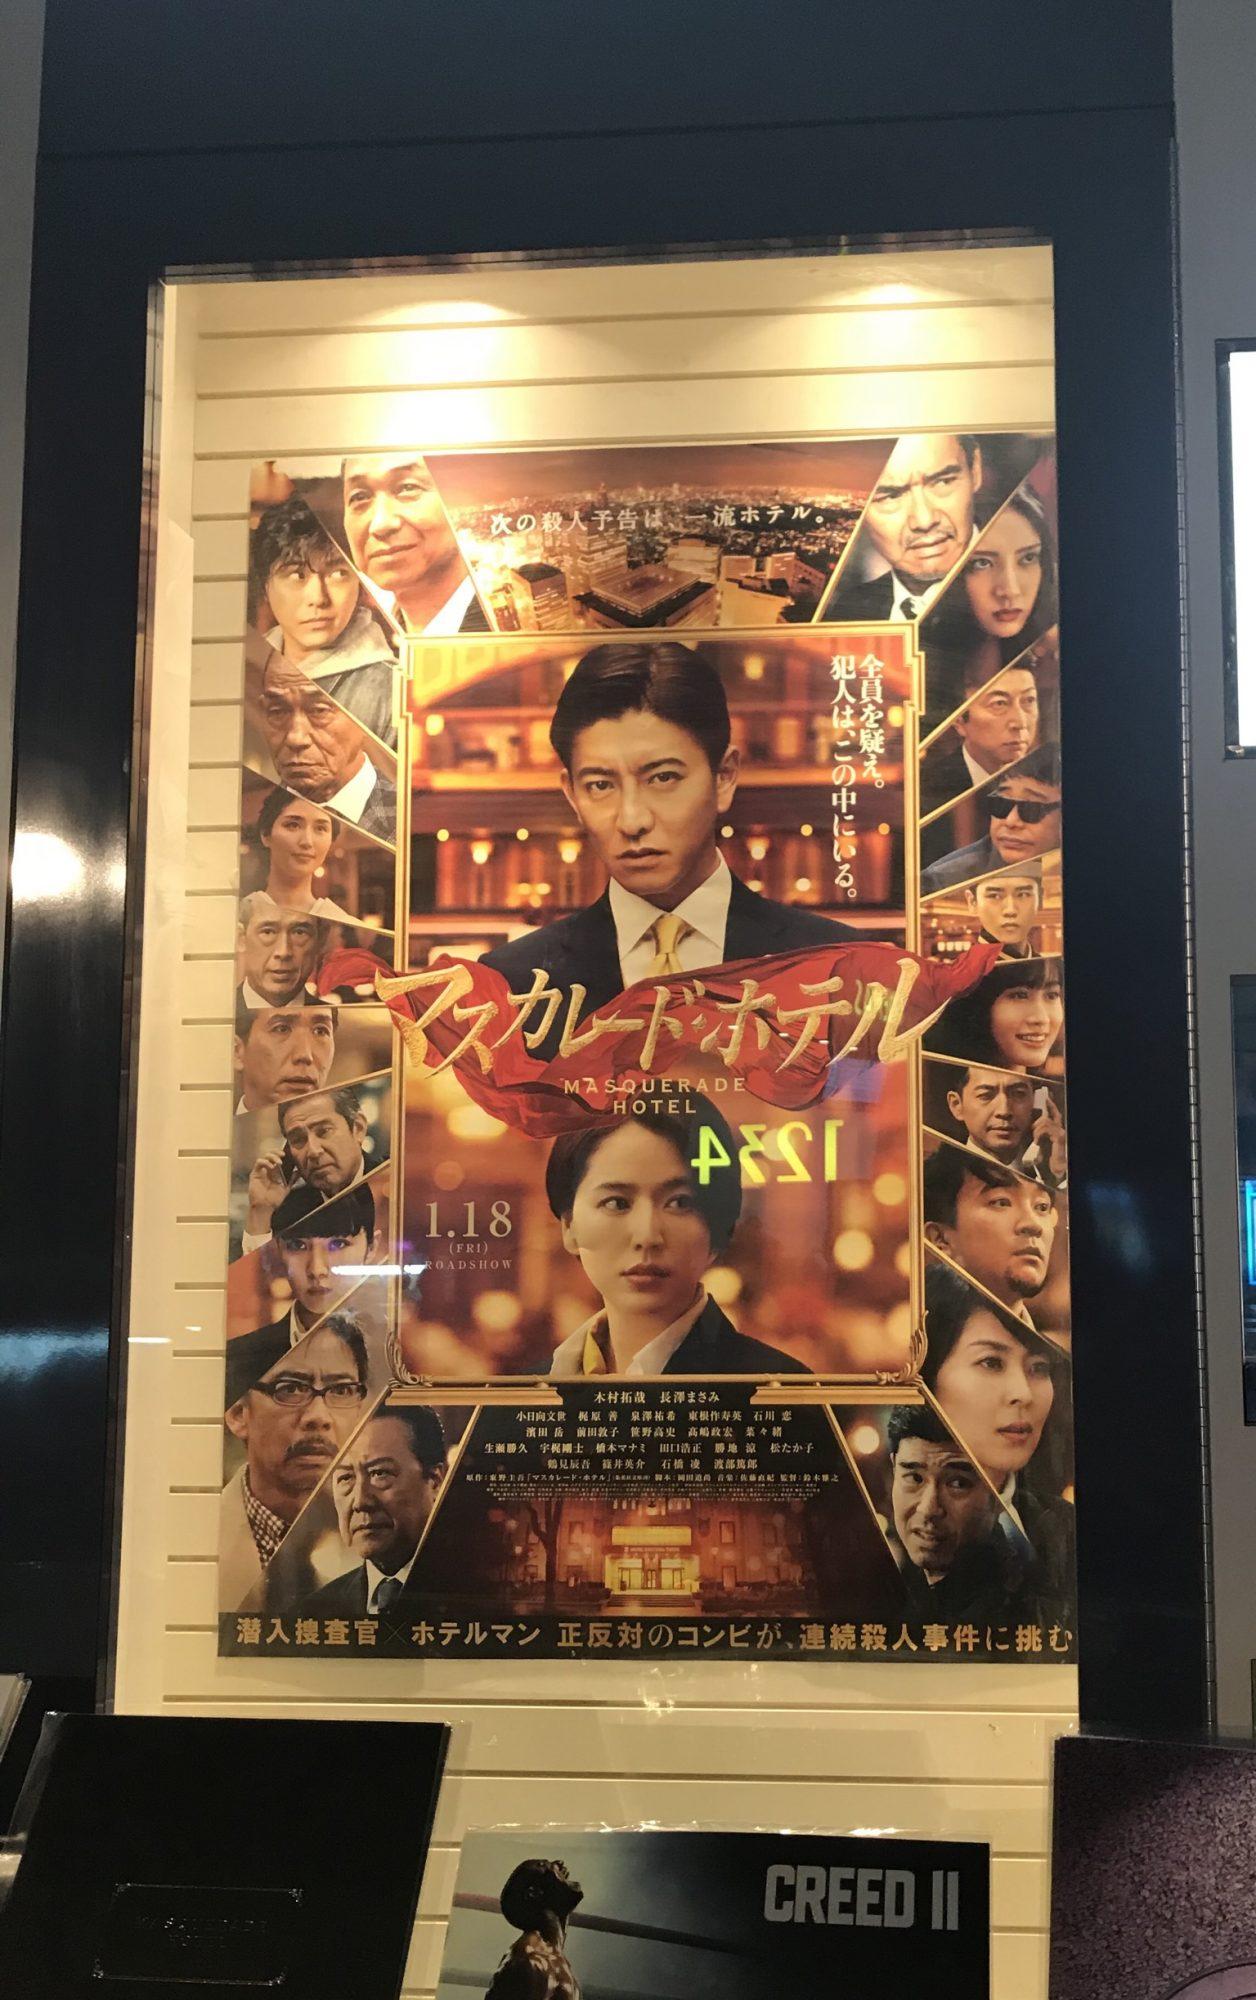 キムタク主演映画  マスカレード・ホテル